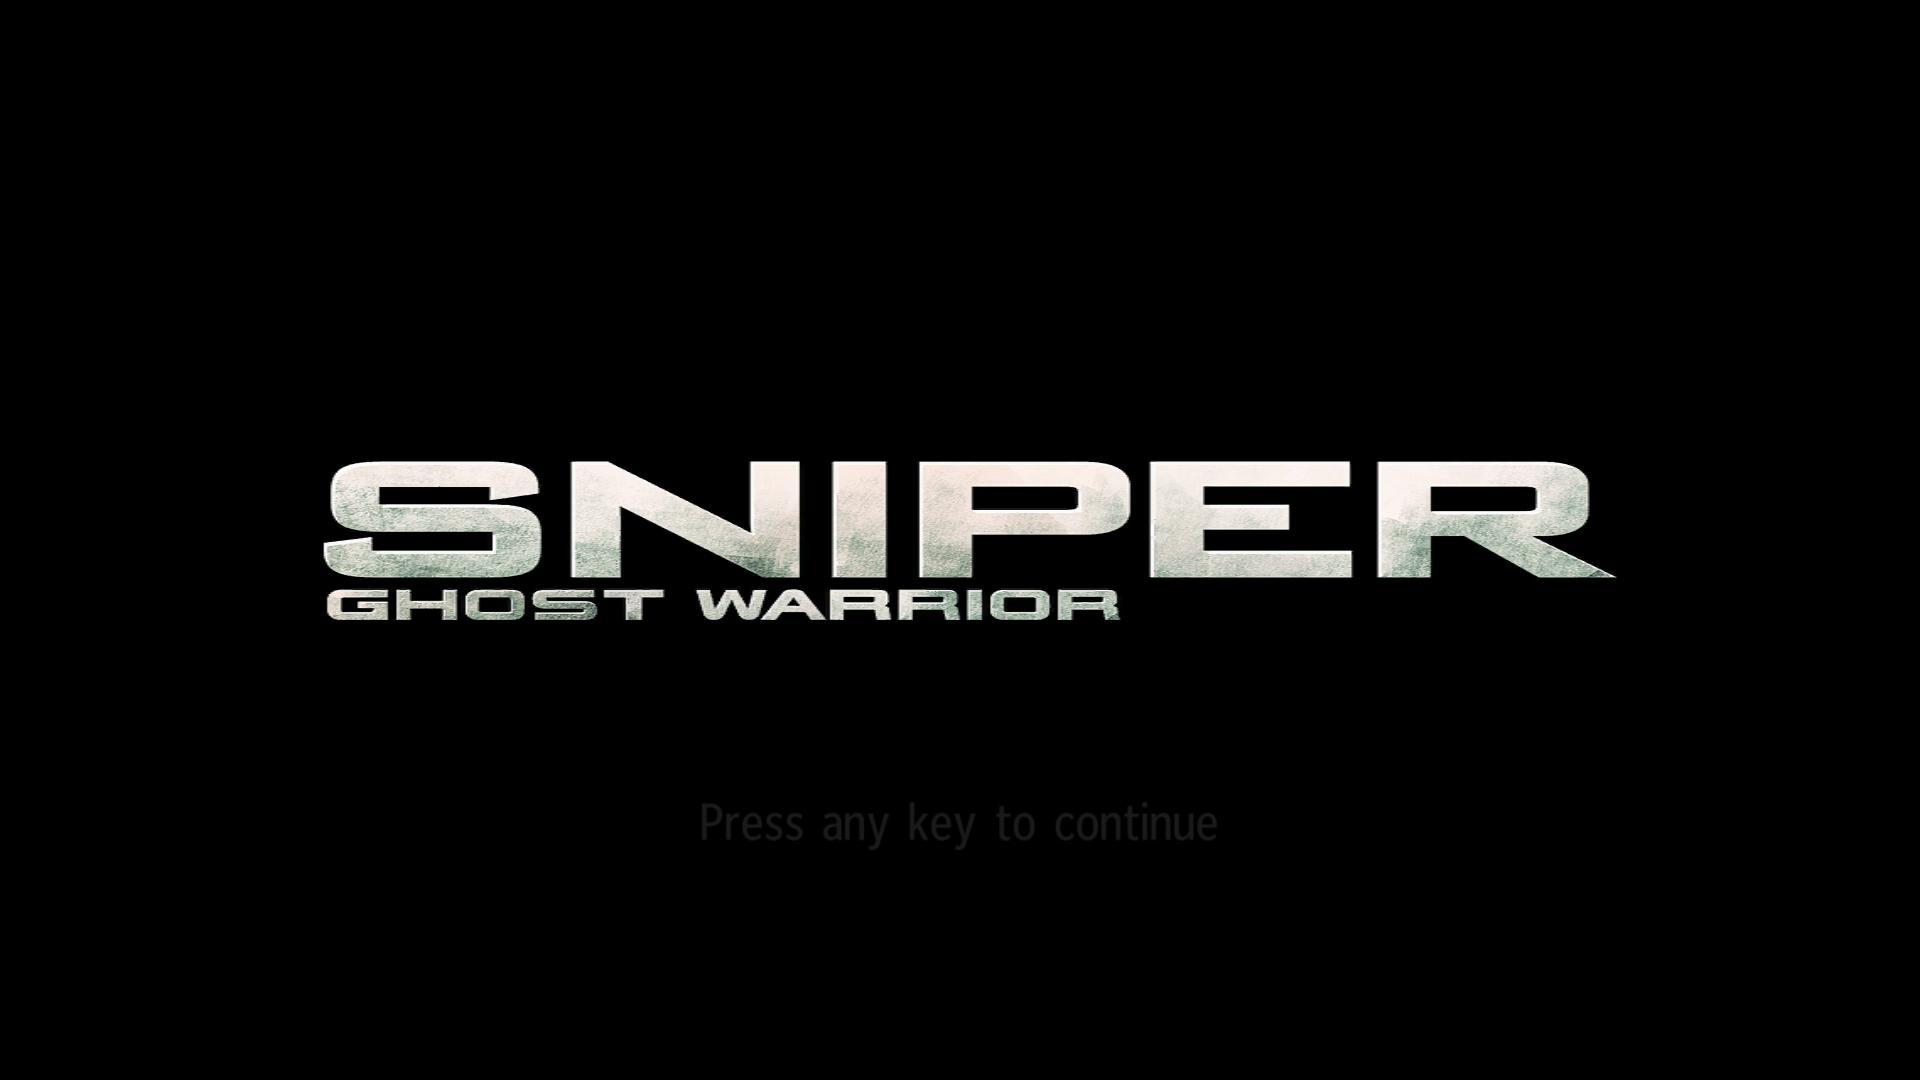 sniper logos